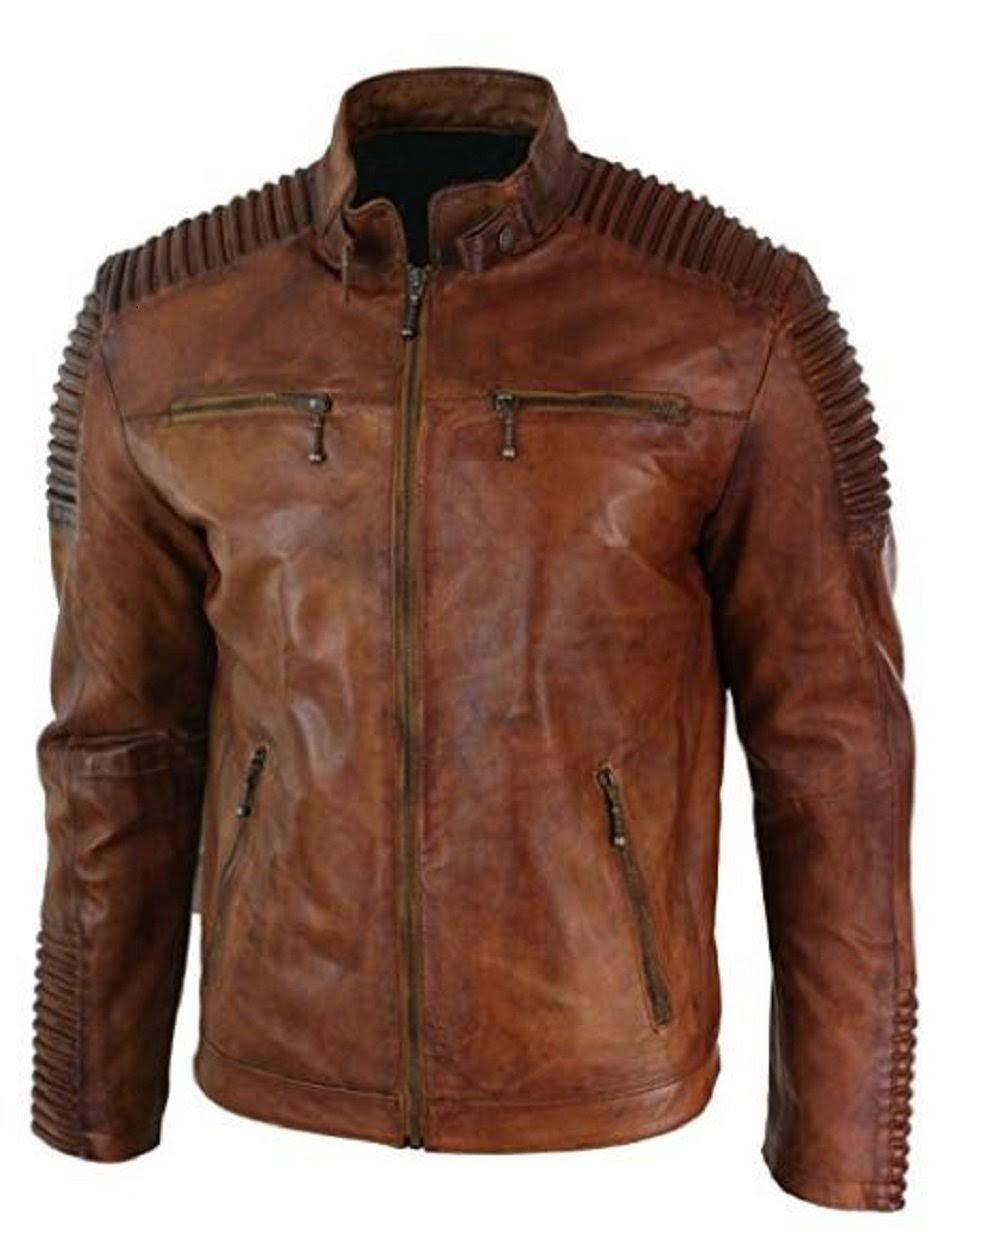 Leathers Chaqueta Brown Biker De Cafe Racer Mens Envejecido Cuero Abz Vintage Motorcycle d08d1